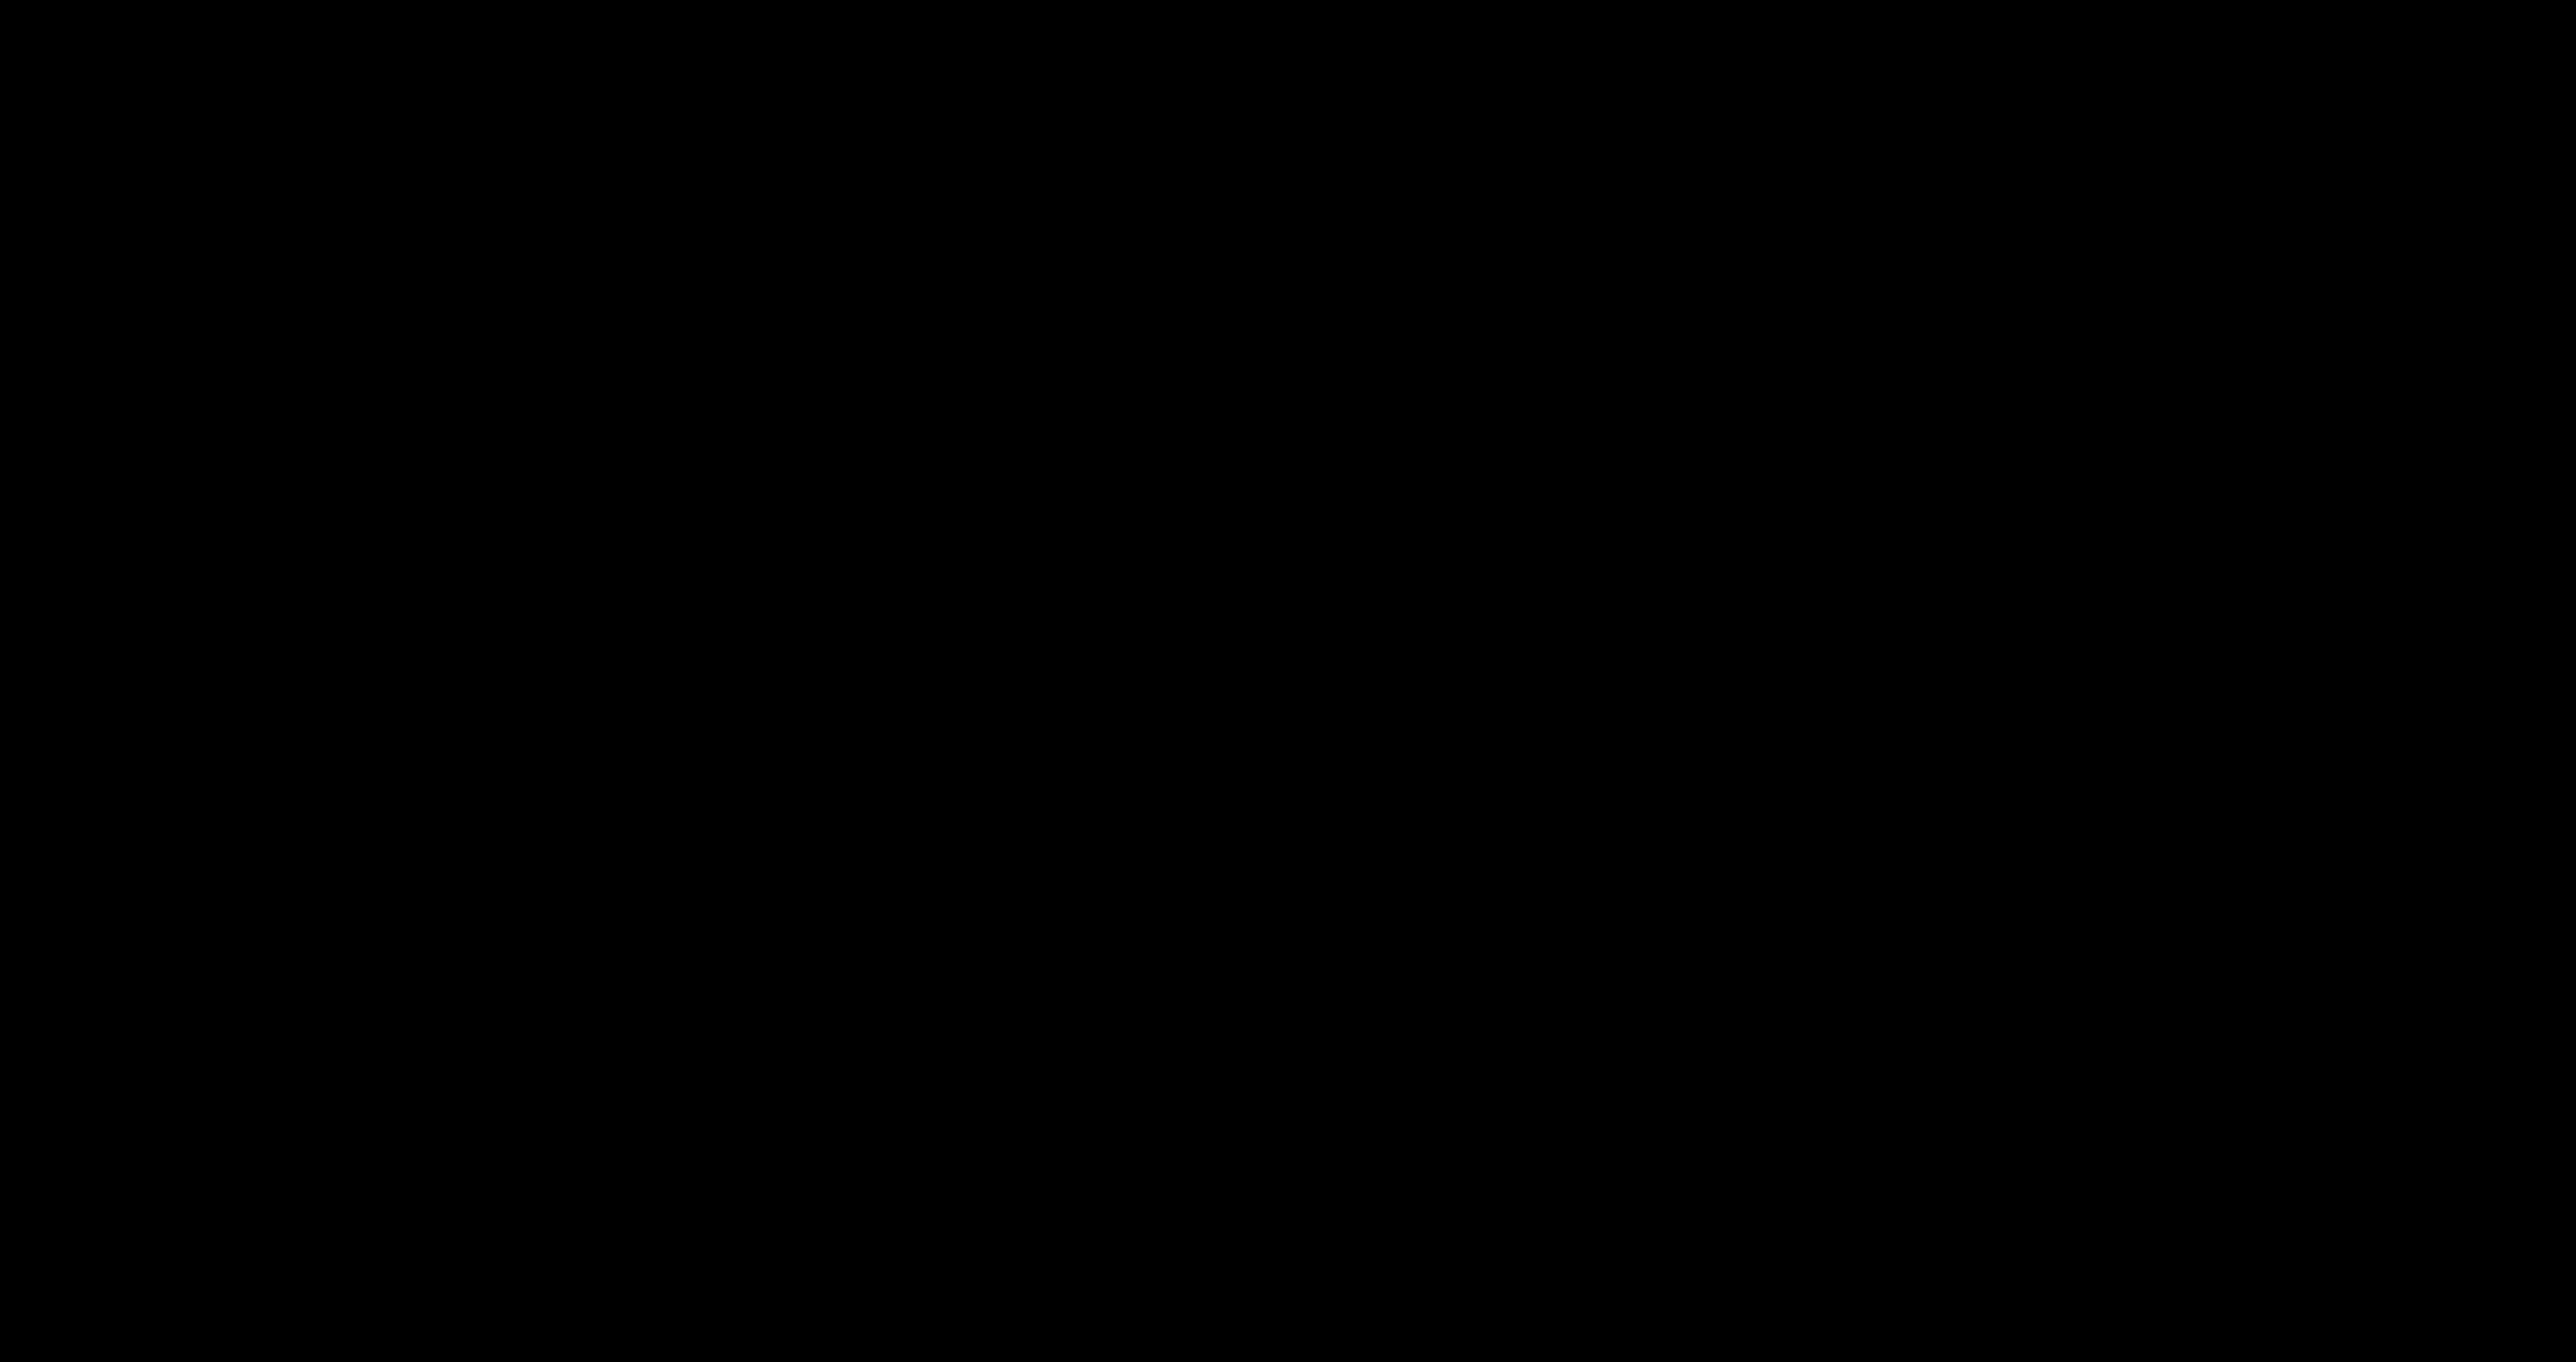 AXOR Uno og AXOR ShowerSolution designdusj